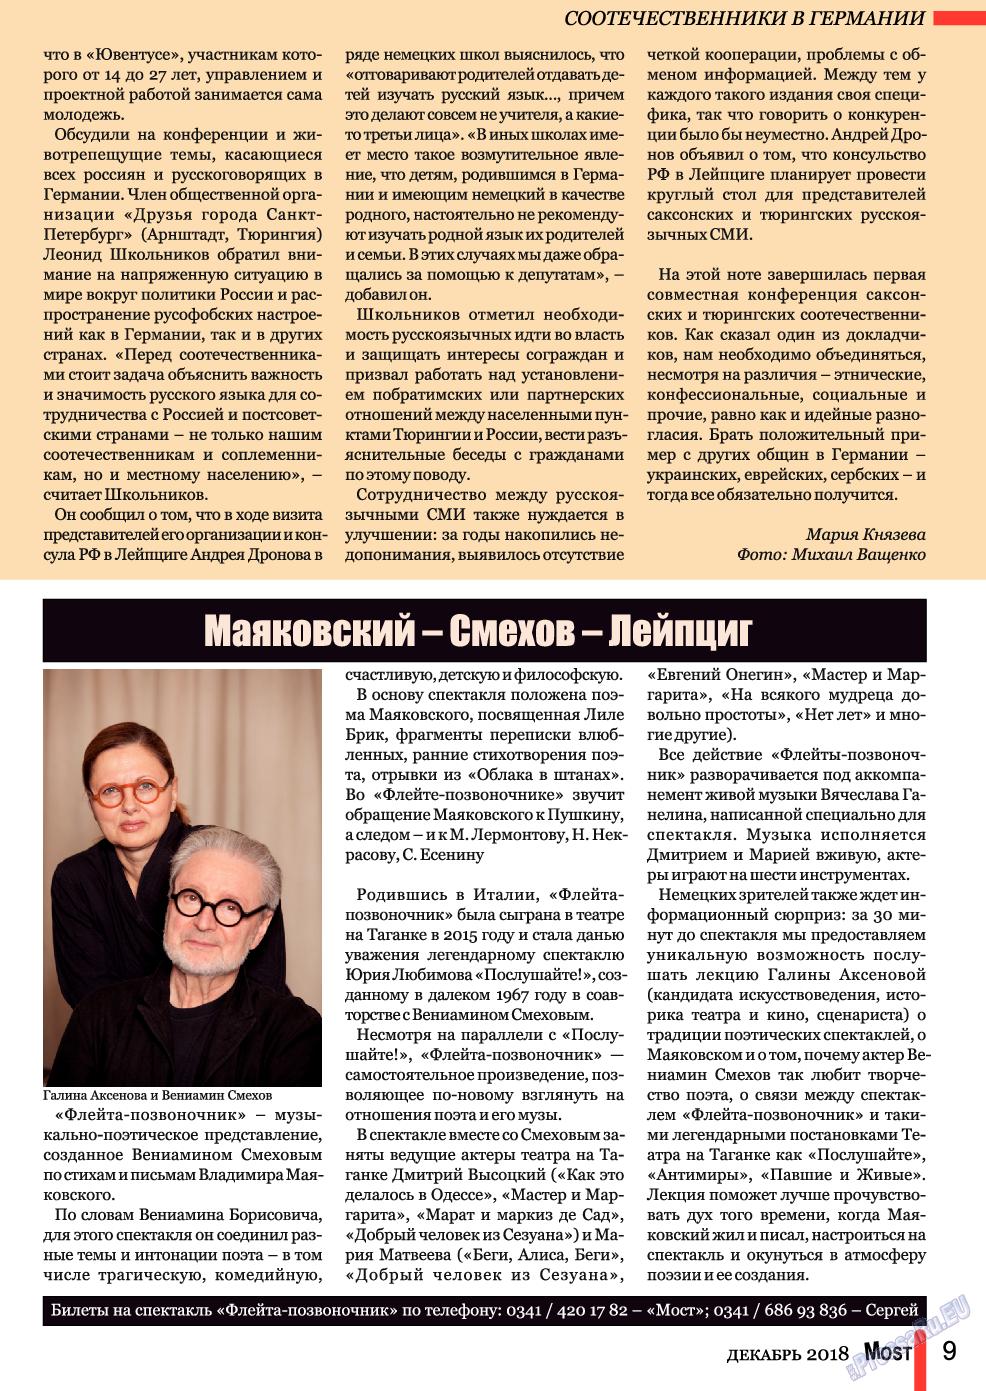 Мост (журнал). 2018 год, номер 129, стр. 9